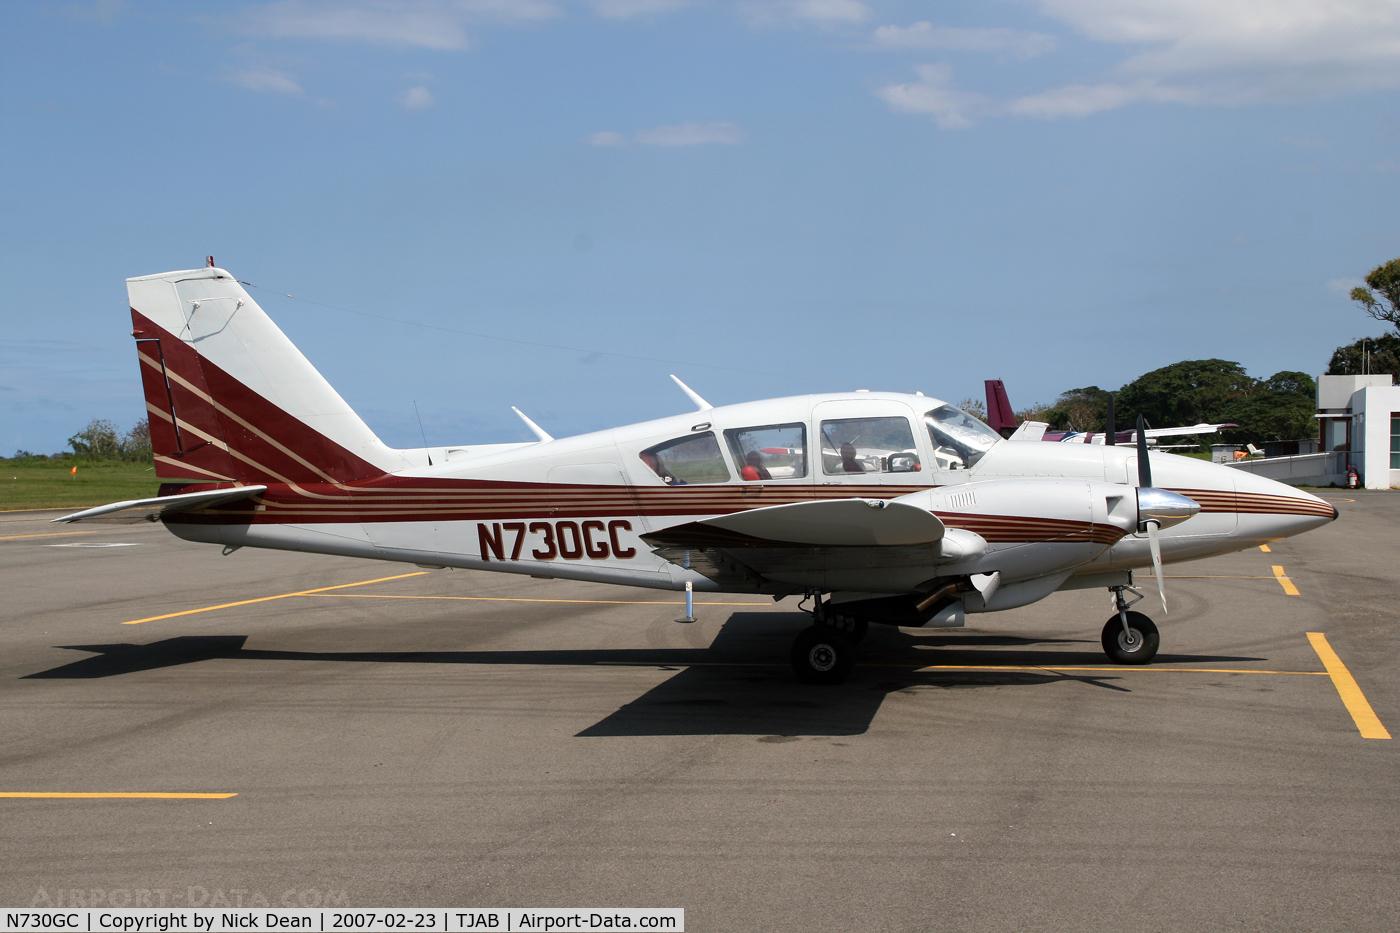 N730GC, Piper PA-23-250 C/N 277305059, .